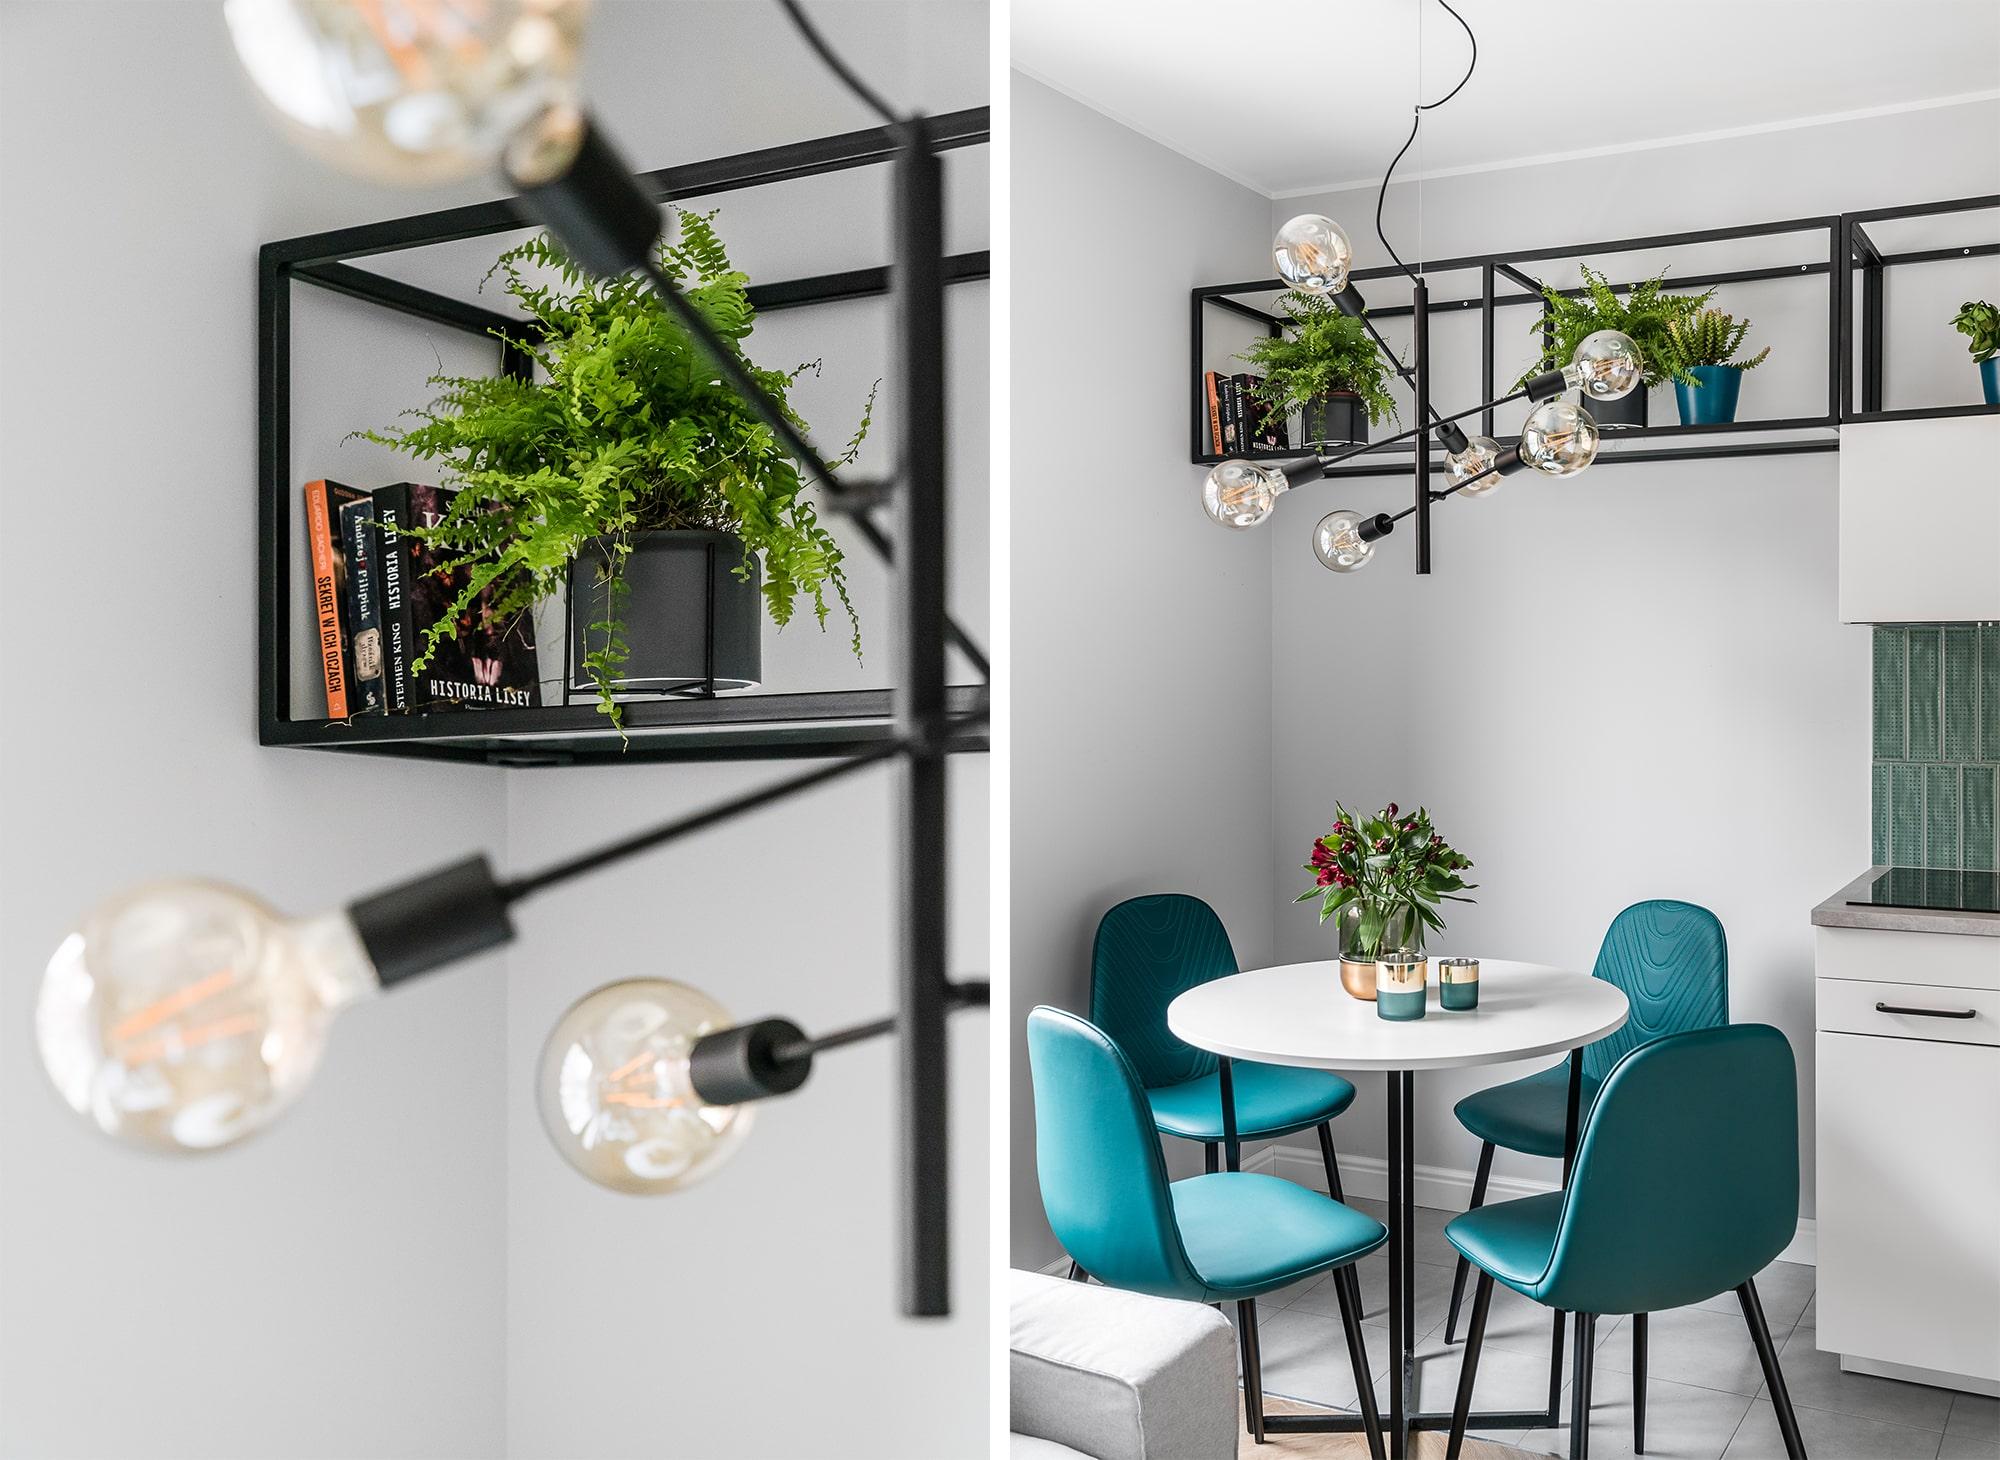 Apartments for rent Gdańsk - zdjęcie